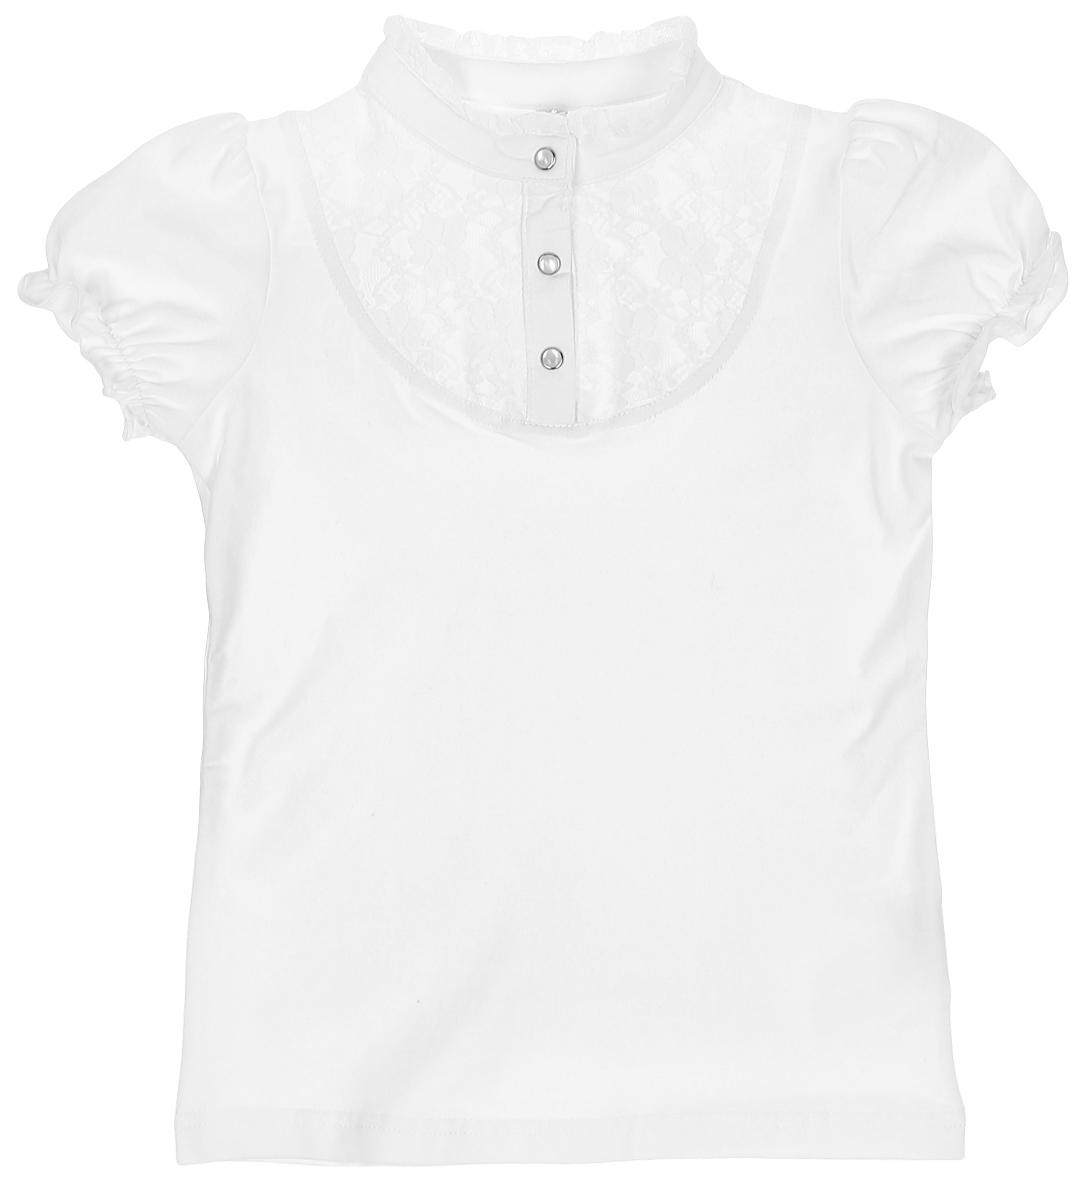 Блузка462017Блузка для девочки выполнена из эластичного хлопка. Модель с воротником-стойкой и рукавами-фонариками украшена легким эластичным гипюром. На груди застегивается на три кнопки.